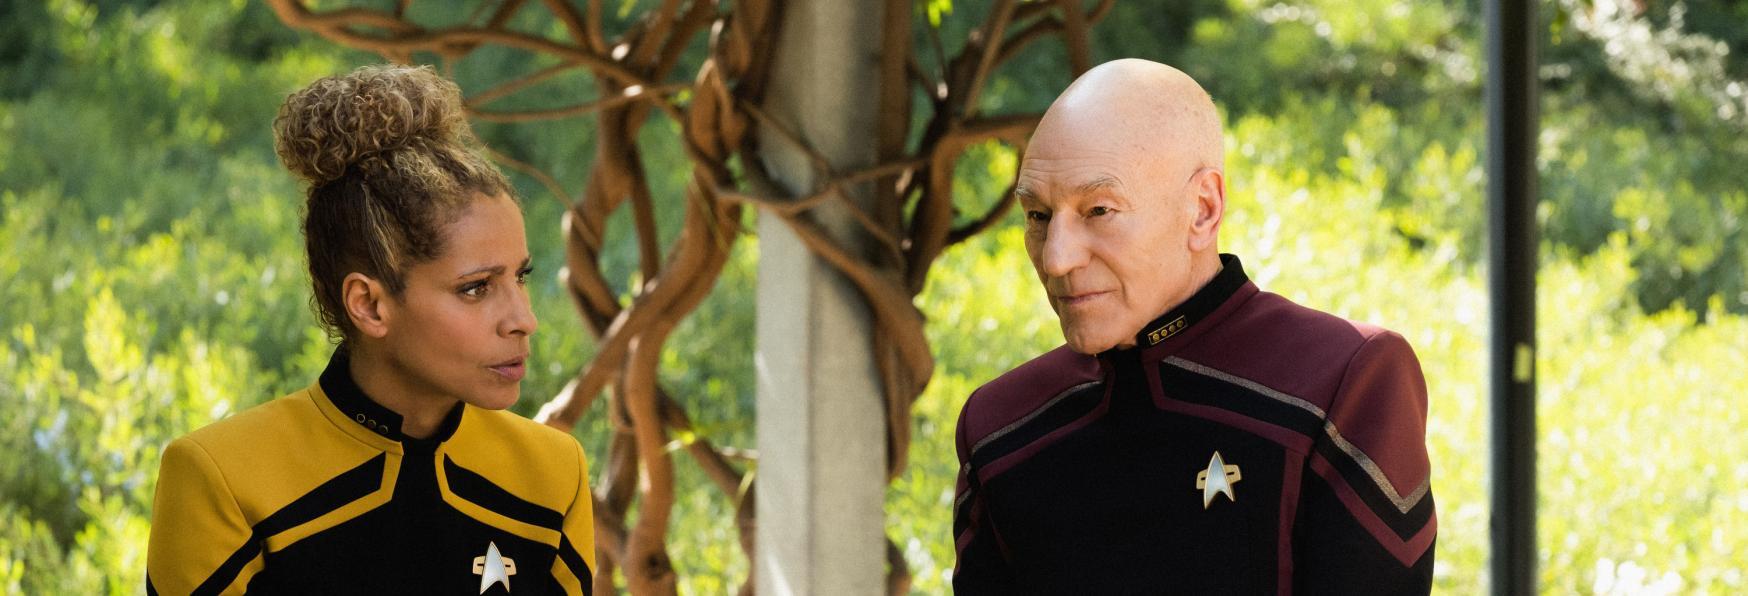 Star Trek: Picard 2 - Rilasciato il Trailer Ufficiale della nuova Stagione